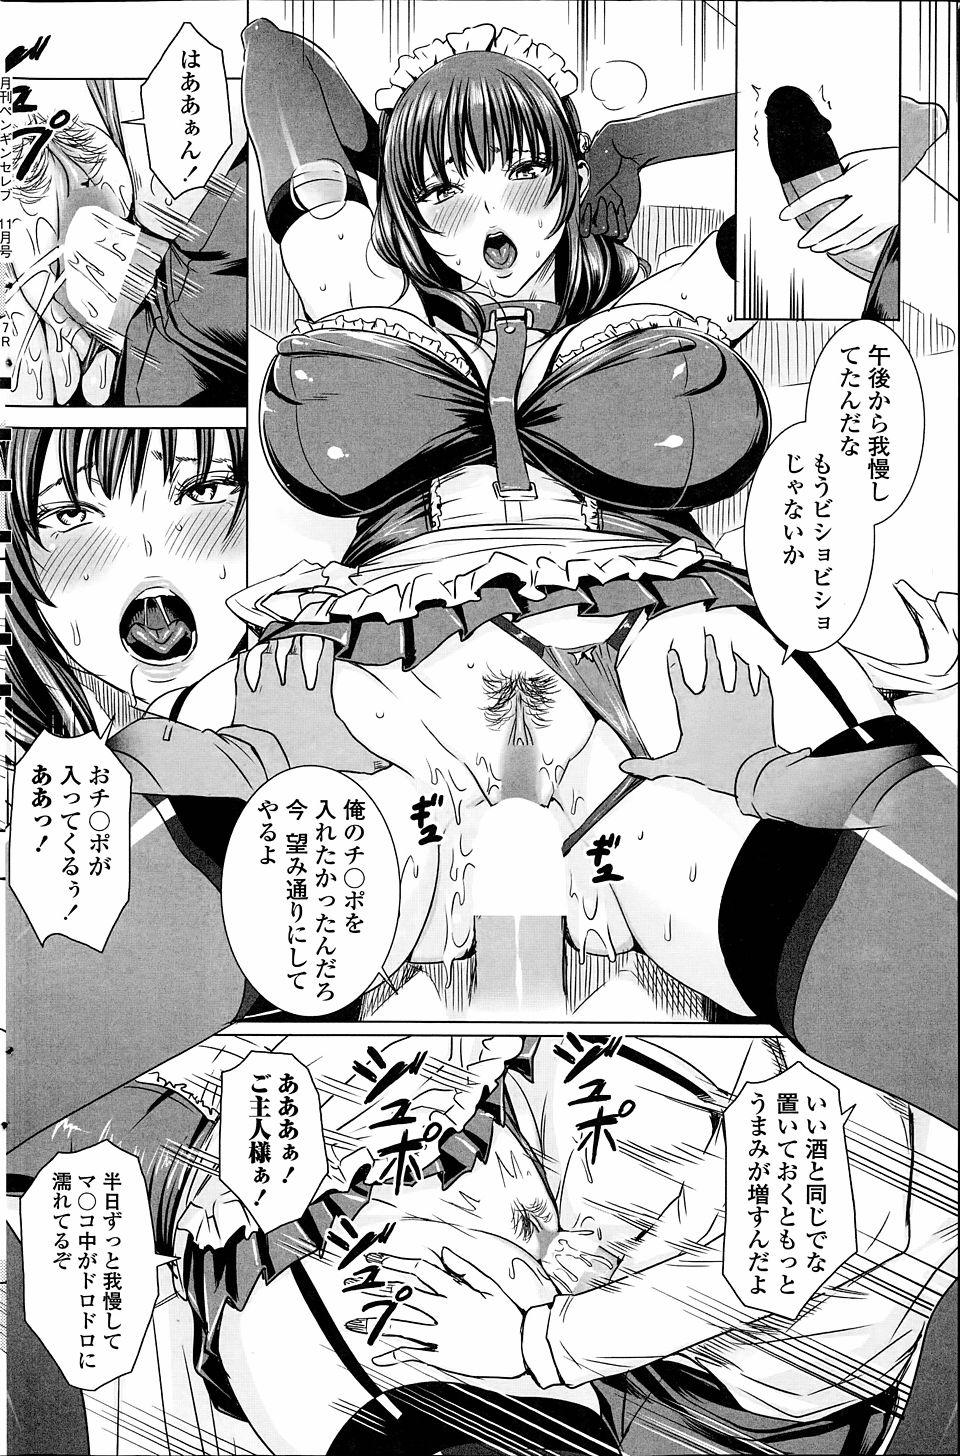 【エロ漫画・エロ同人誌】巨乳メイドがエッチな恰好してご主人様に中出しされまくってるwセックス三昧でイカされまくりwww (10)